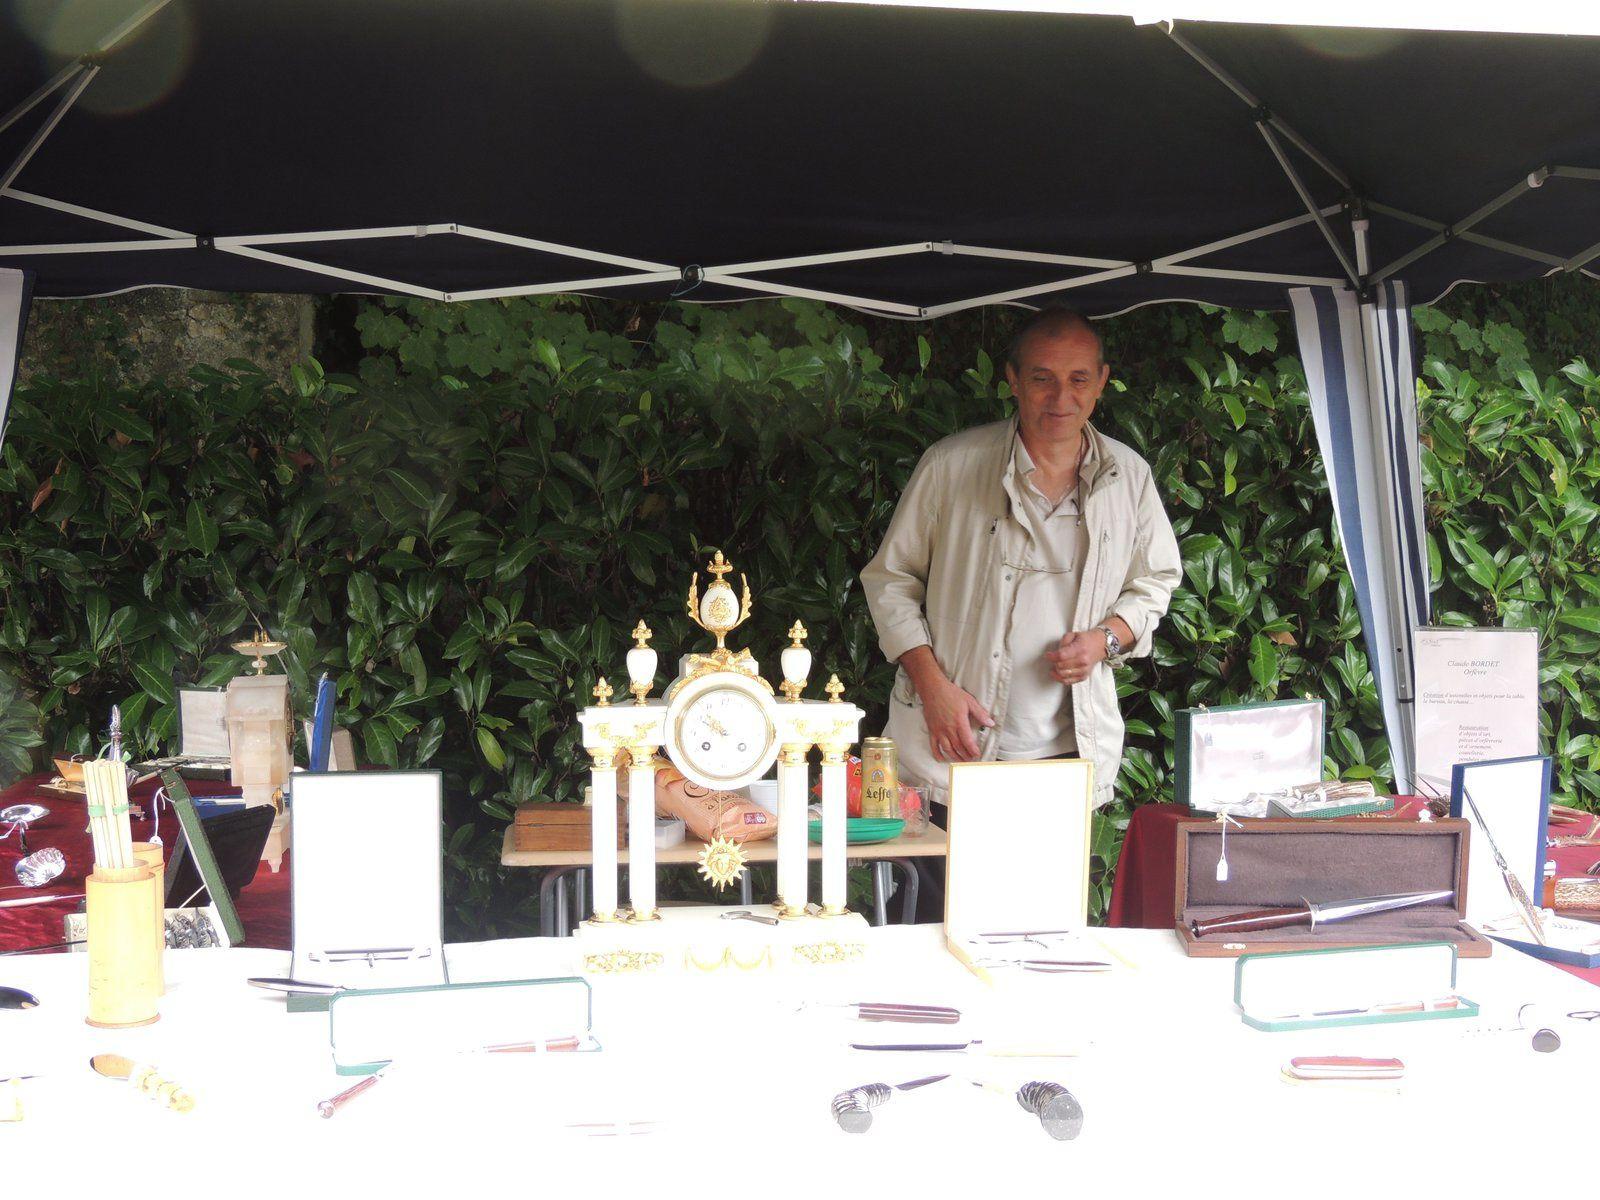 Claude Bordet ,orfèvre, sera présent à la Chartre sur le Loir le 27 avril